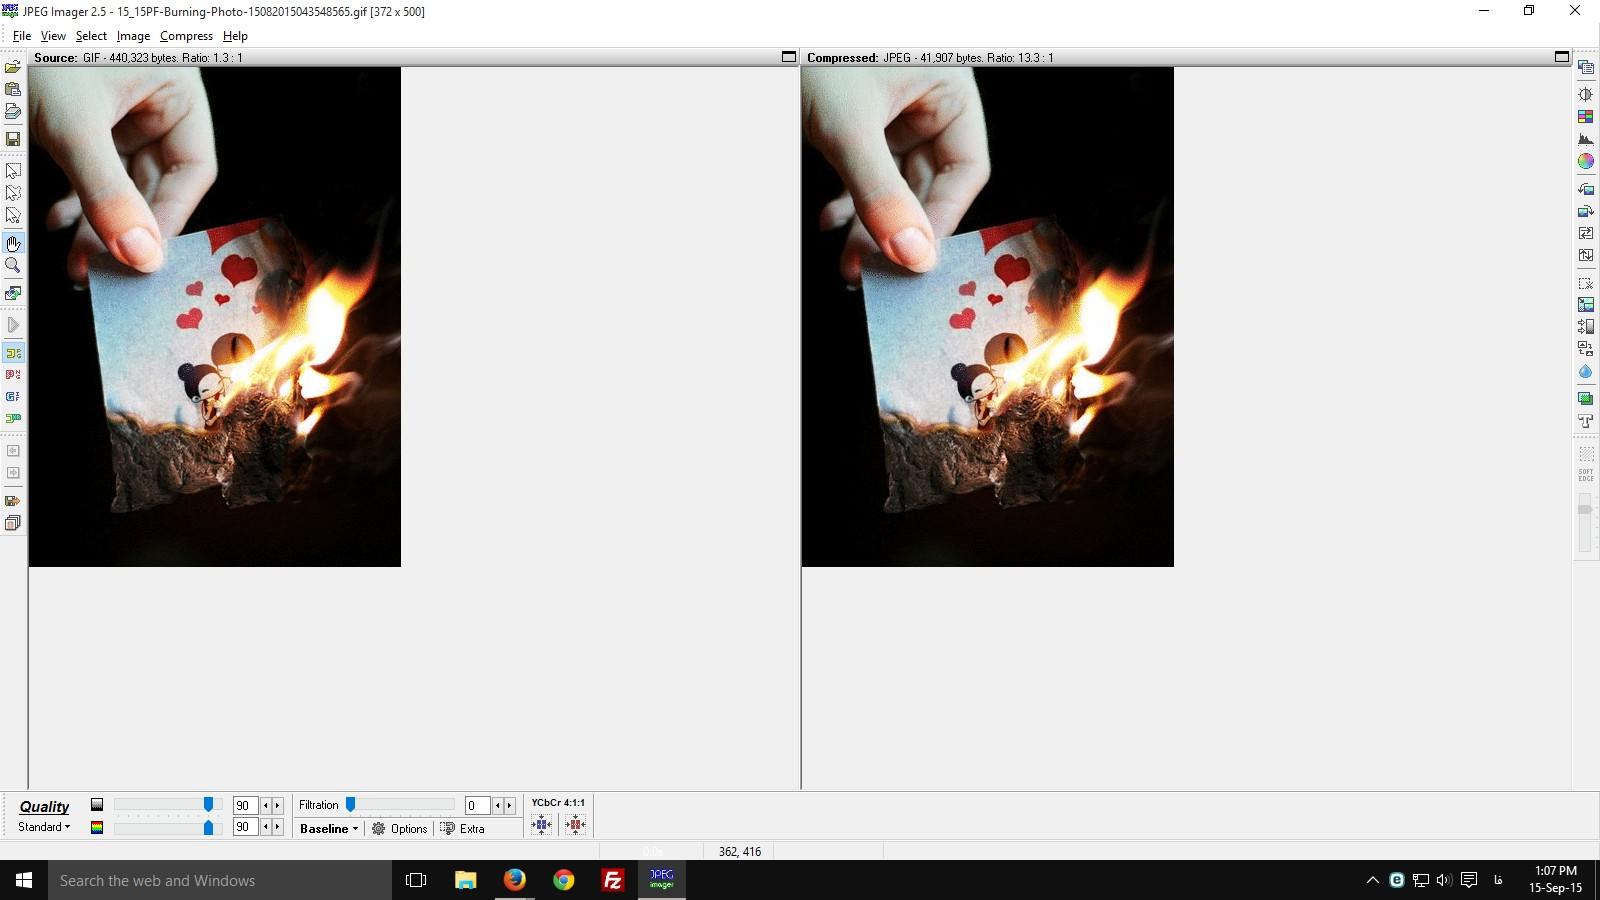 دانلود نرم افزار کاهش حجم تصاویر JPEG Imager